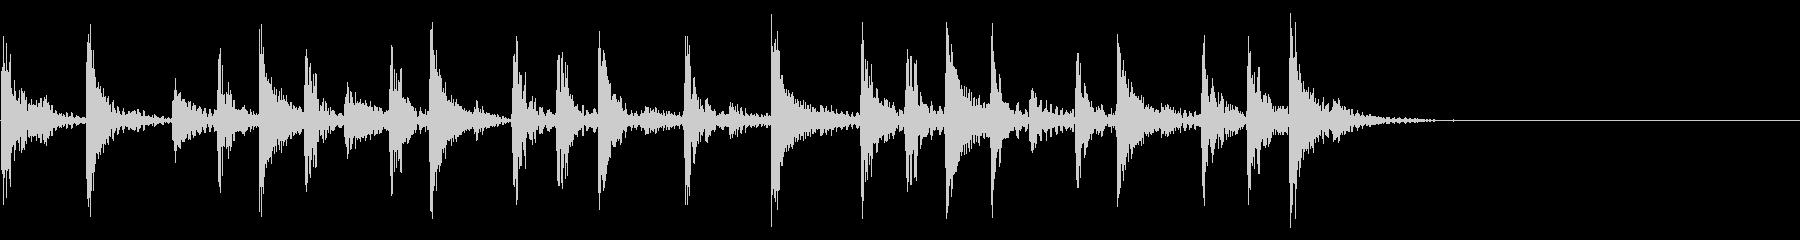 生ドラム_4小節8beatサンプリングの未再生の波形